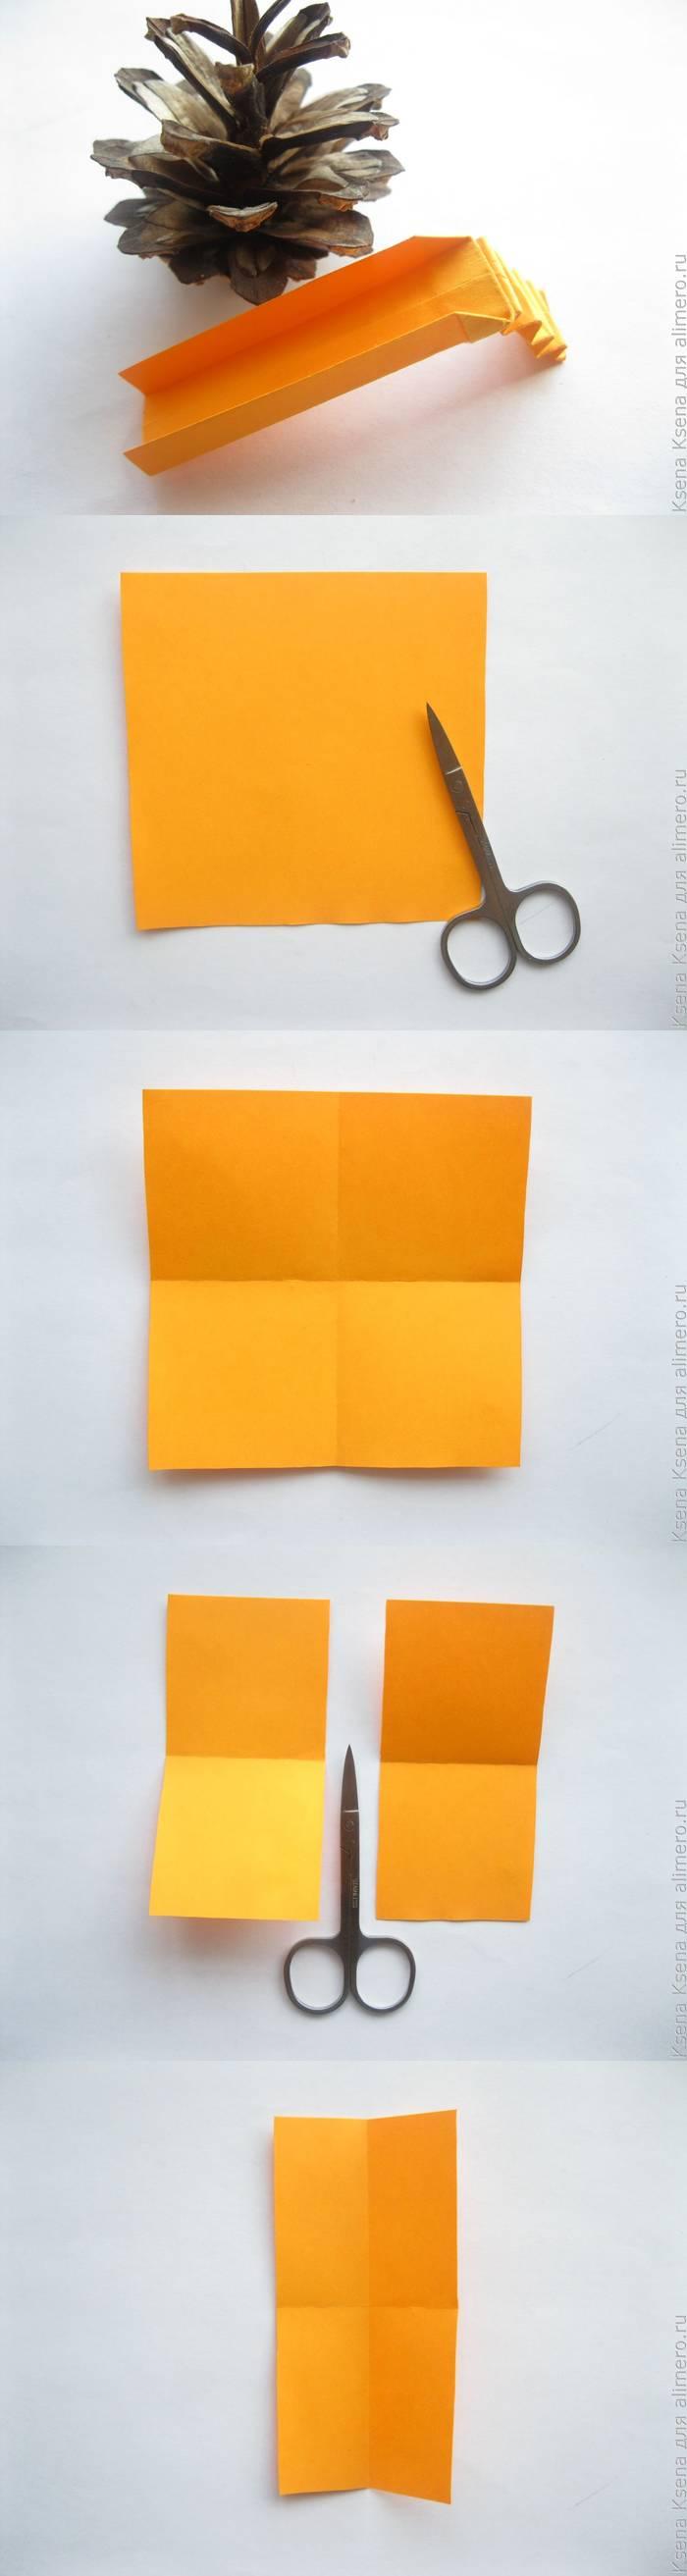 """Оригами игрушки из бумаги """"Детская горка"""" своими руками"""